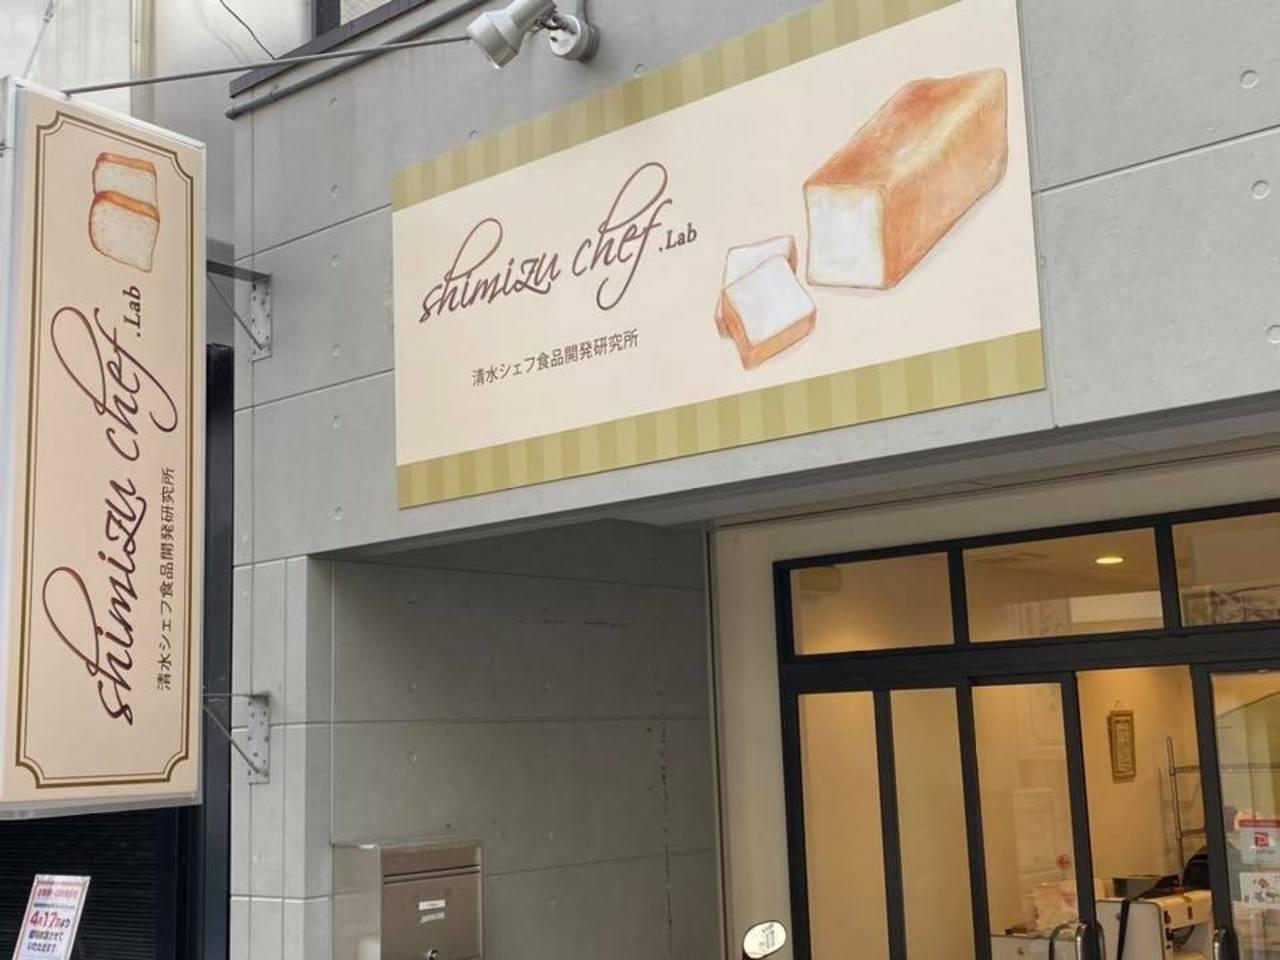 祝!4/26open『シミズシェフ食品開発研究所 高槻店』(大阪府高槻市)